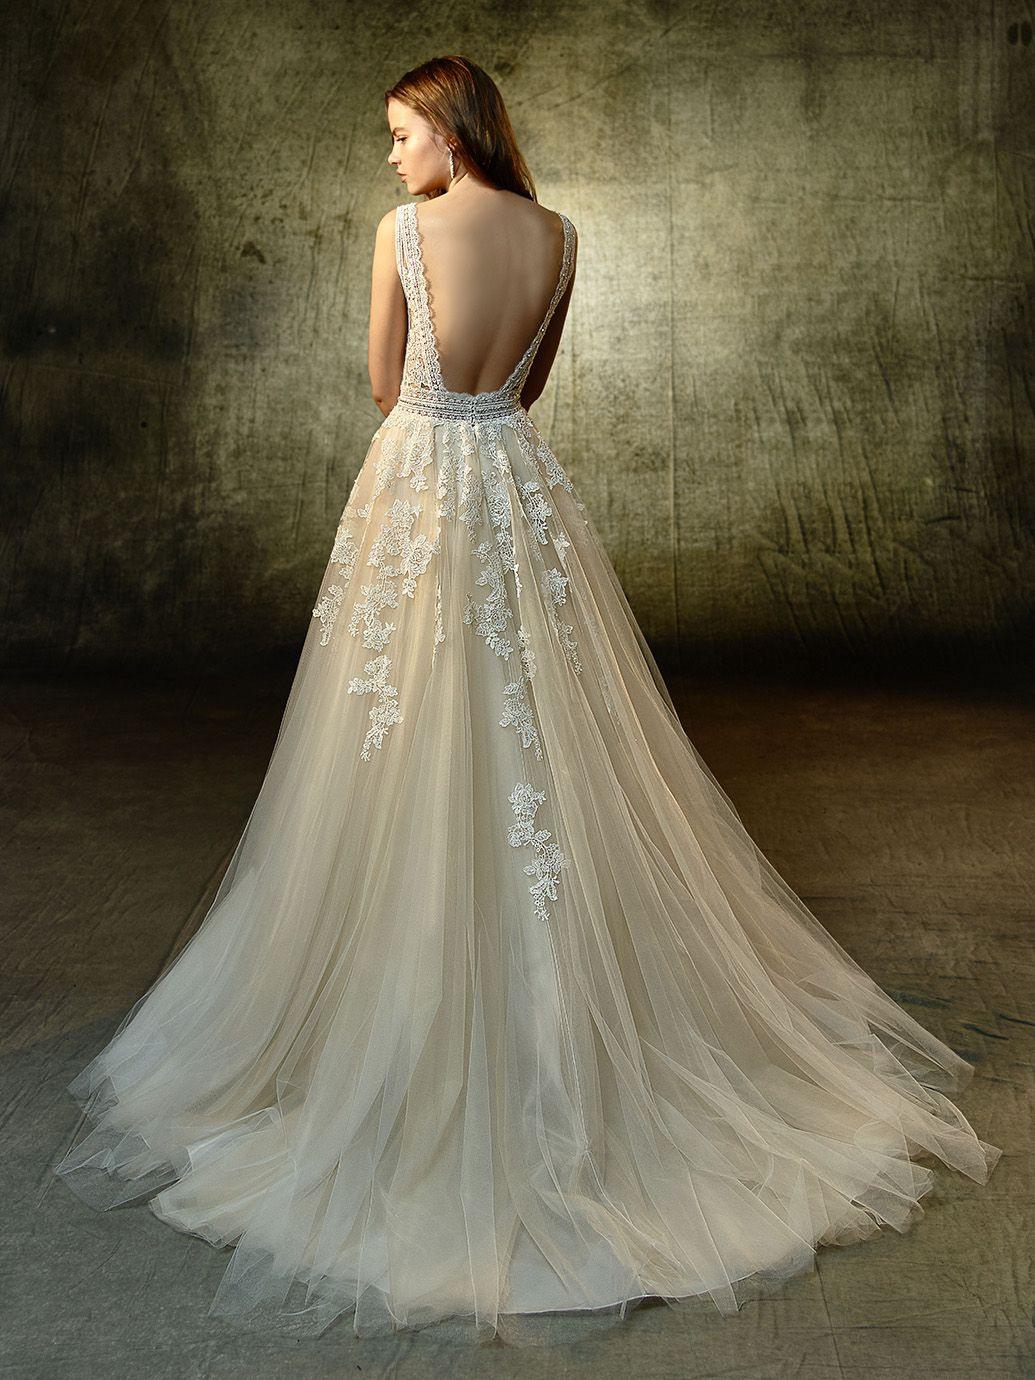 Hochzeitskleider In Hamburg | Lavendel Brautkleid, Blaue